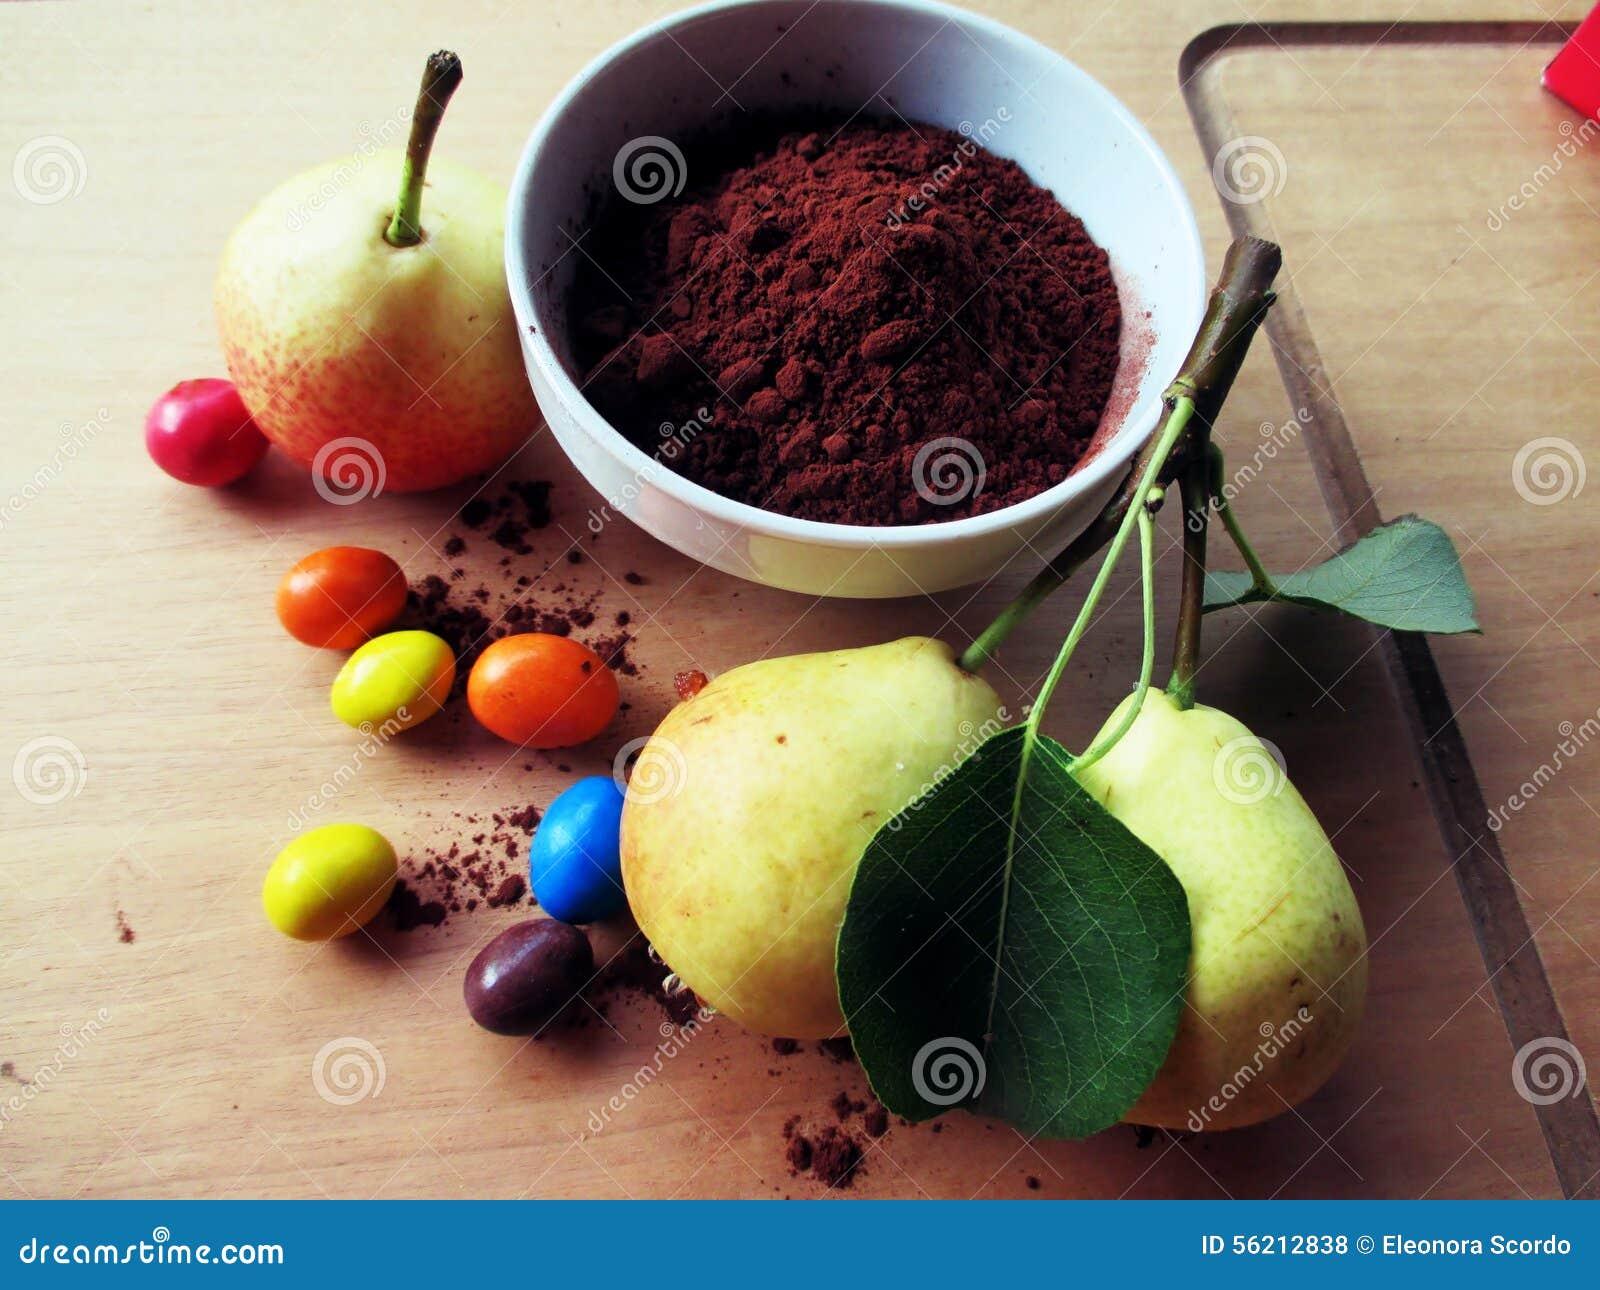 Αχλάδια και σοκολάτα (αρχεία ανάθεσης)